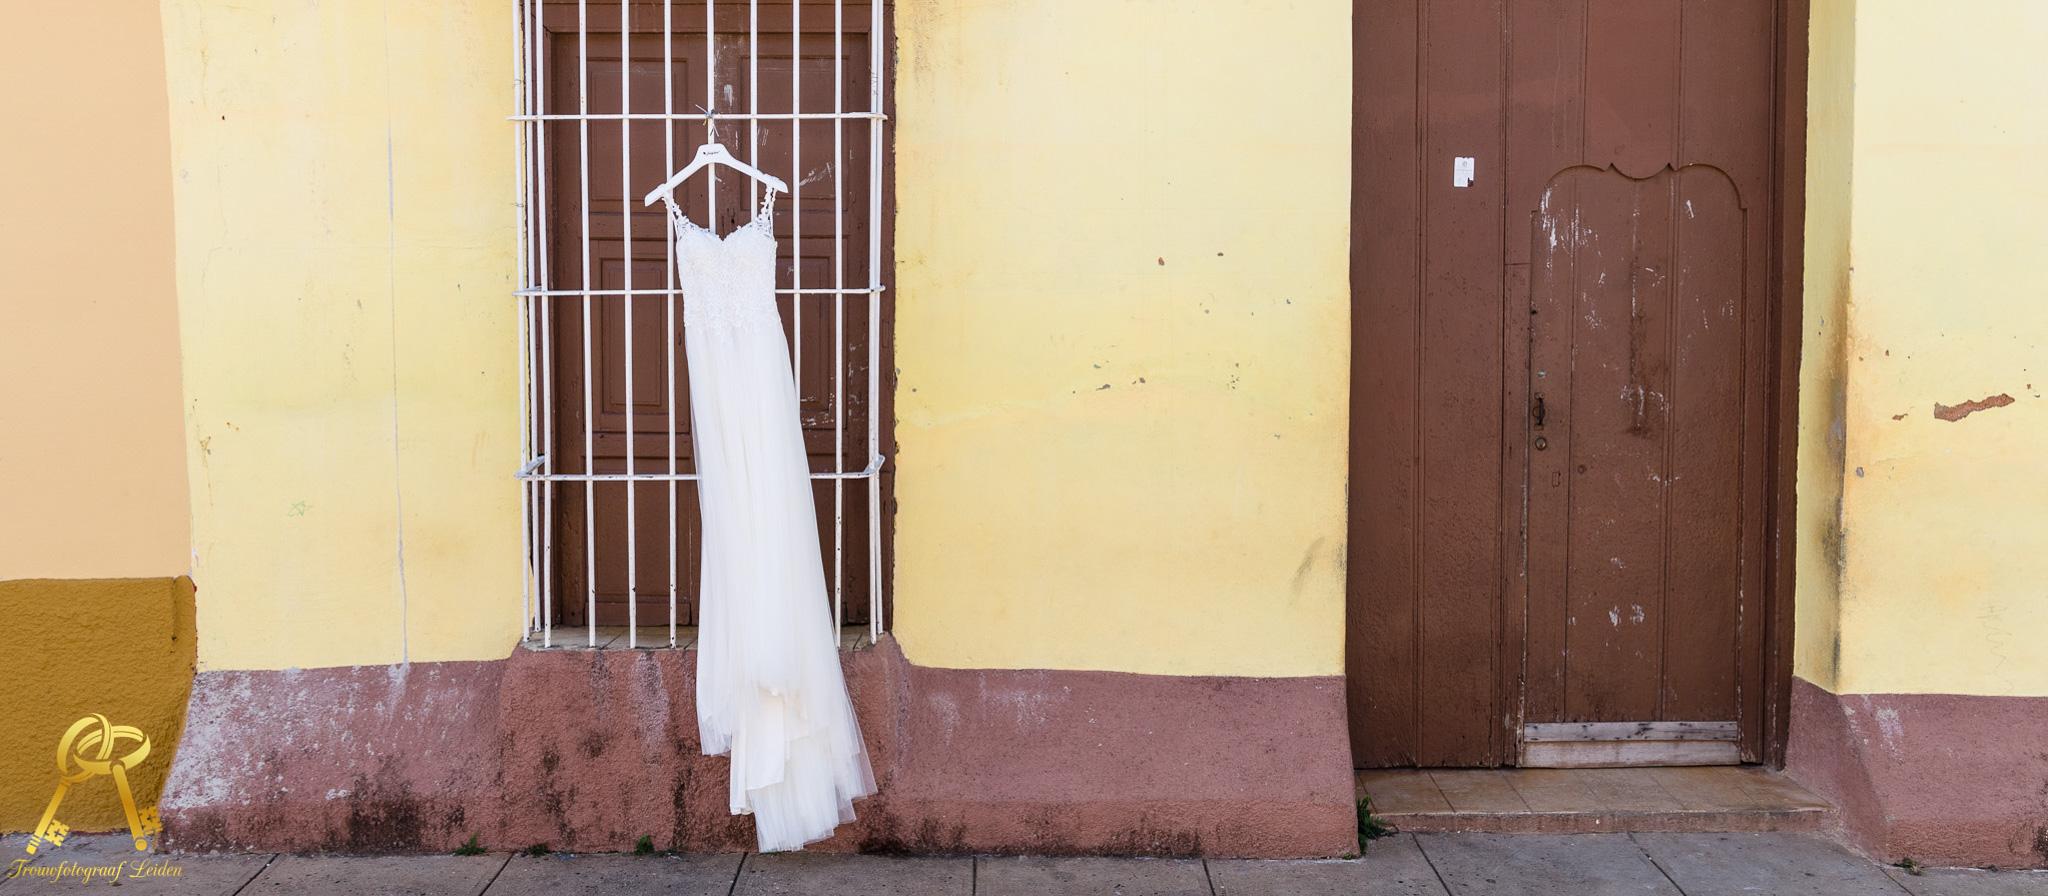 Worden de trouwfoto's bewerkt?